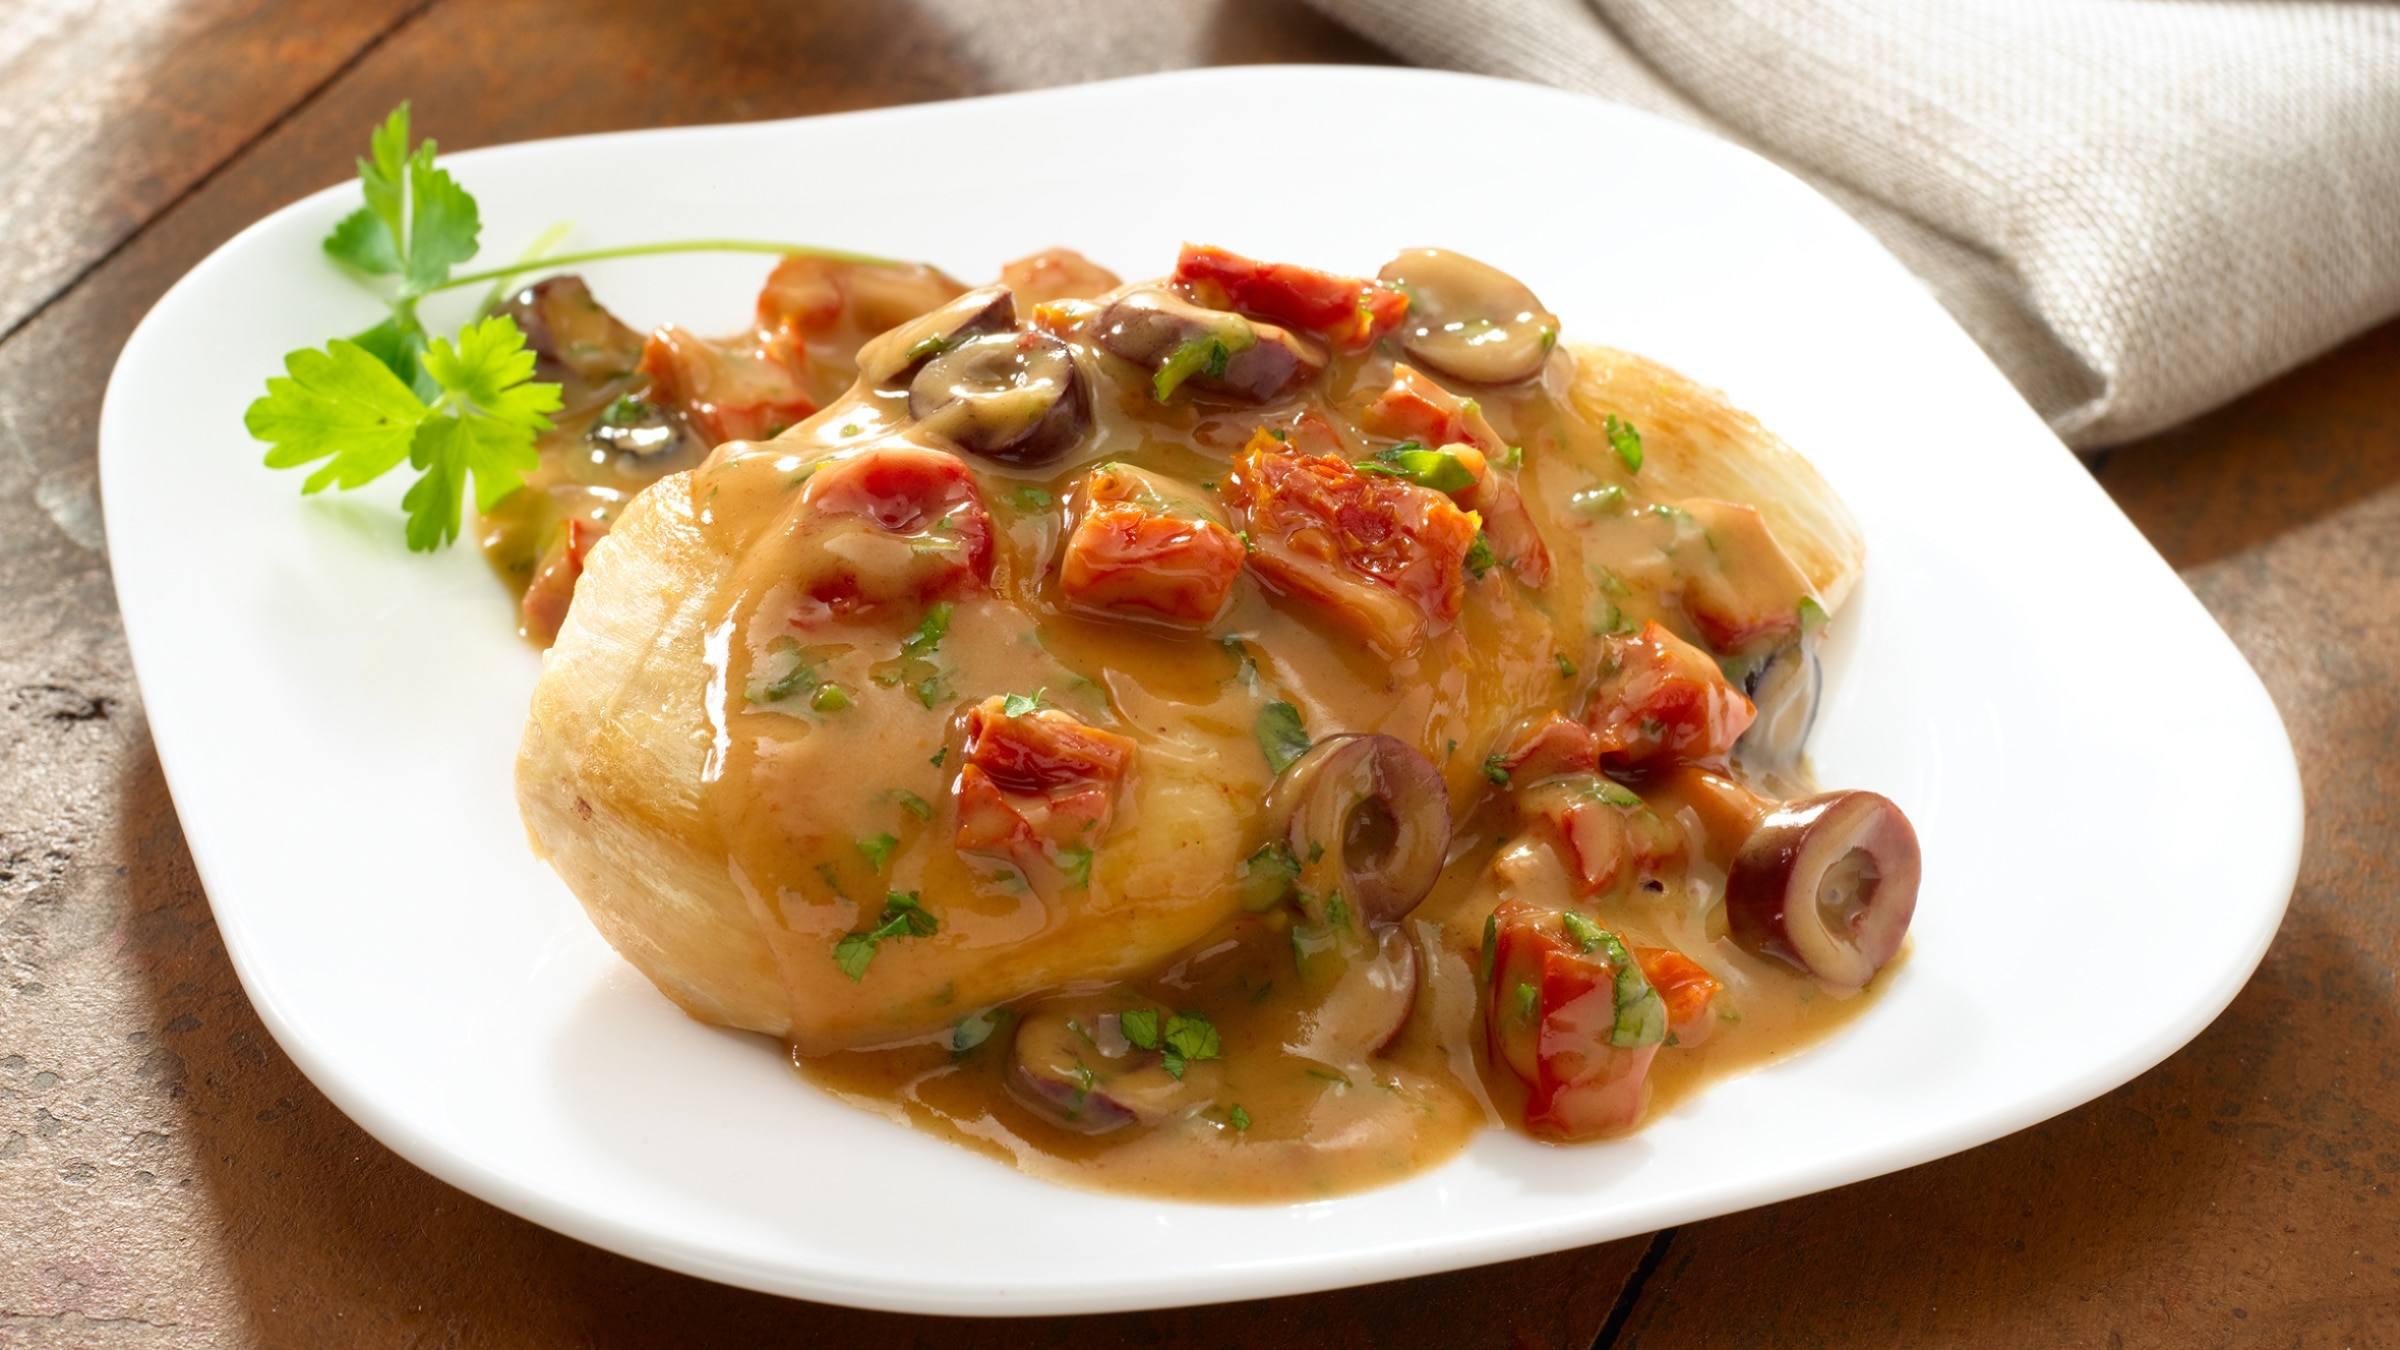 Creamy Mediterranean Balsamic Chicken